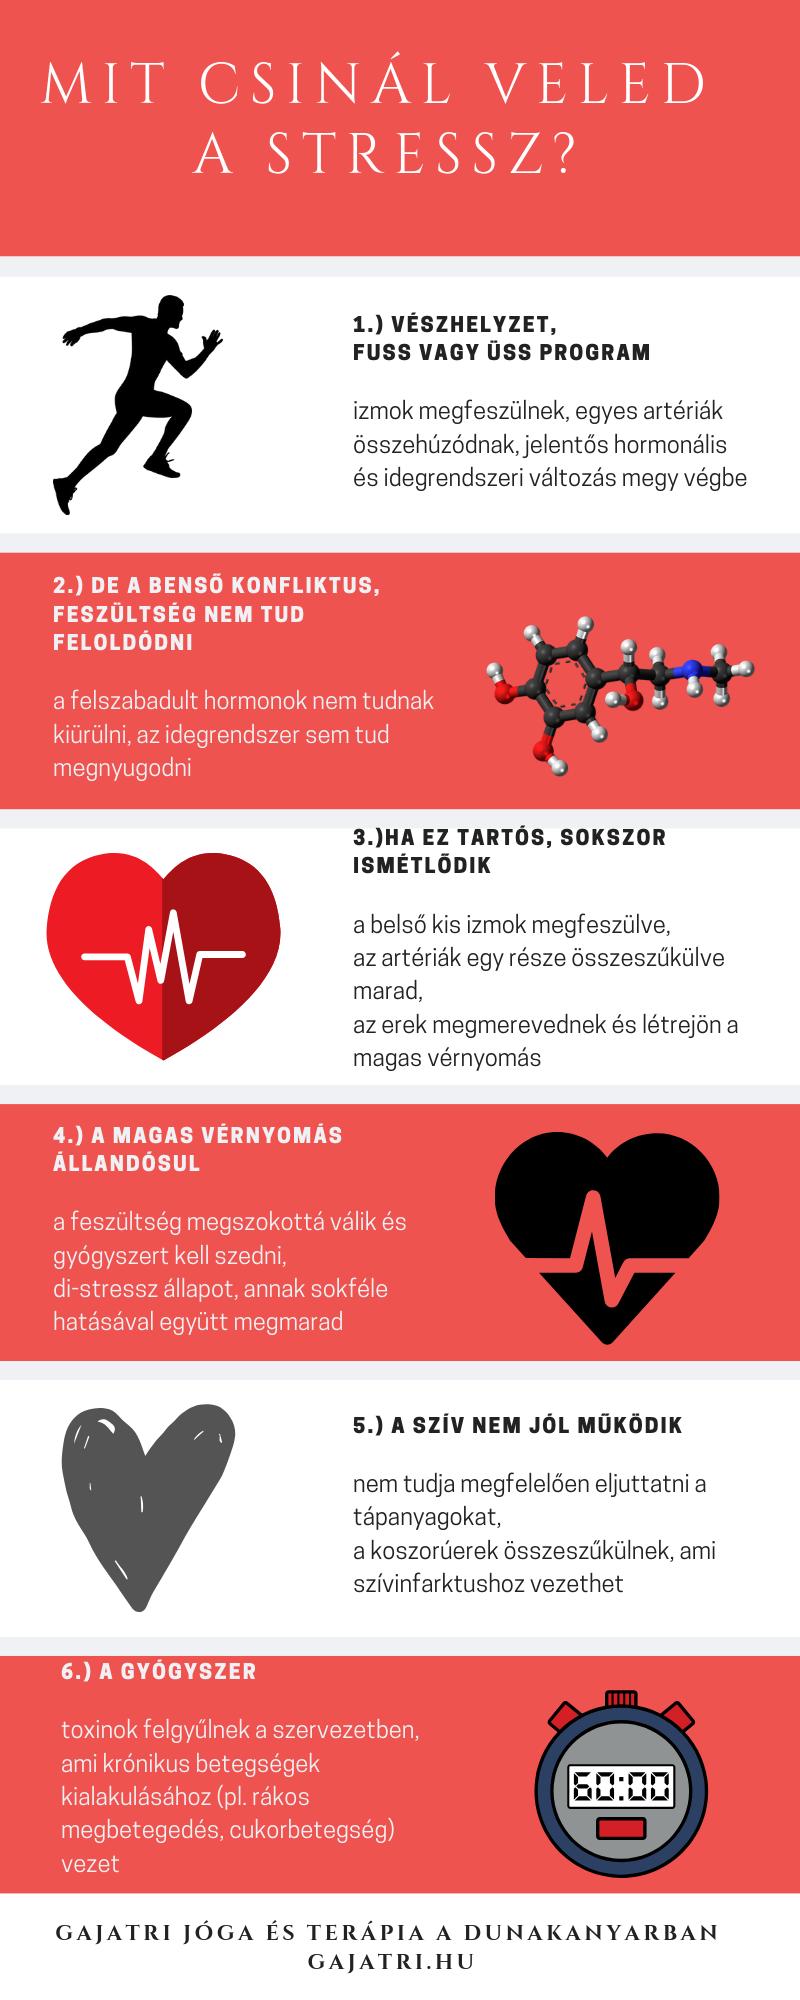 mi segít a magas vérnyomásban 3 fok magas vérnyomás kezelés ayherb